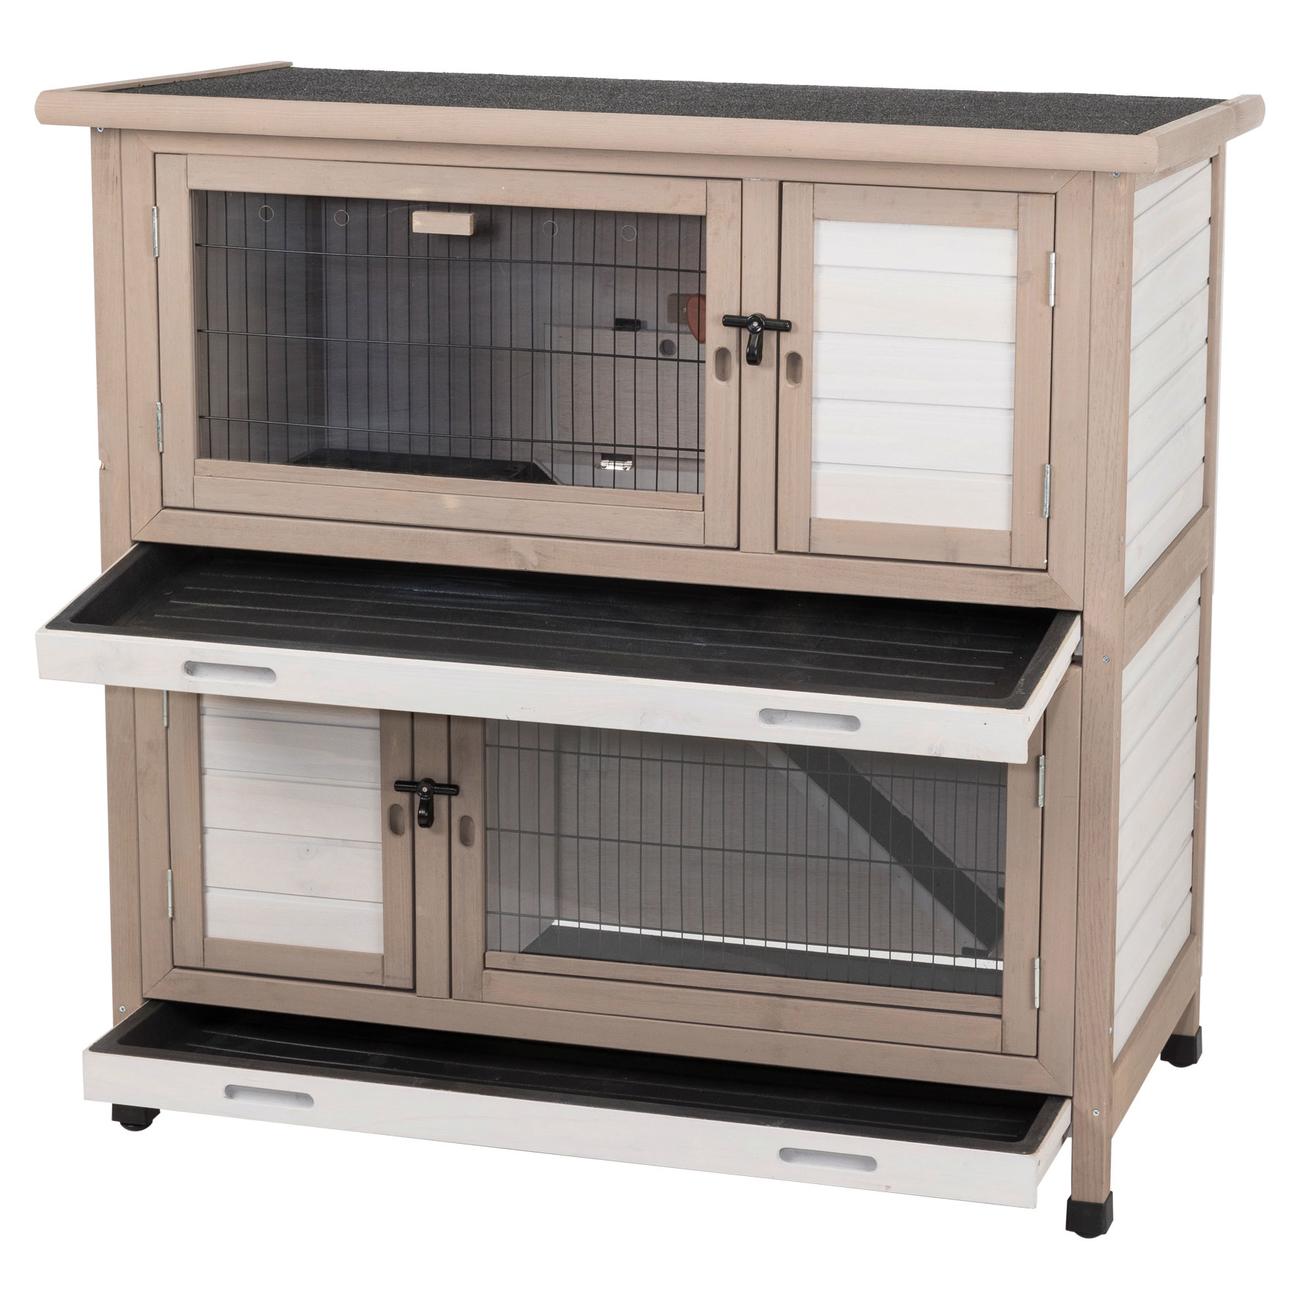 TRIXIE Isolierter Kaninchenstall für Draußen 62403, Bild 6